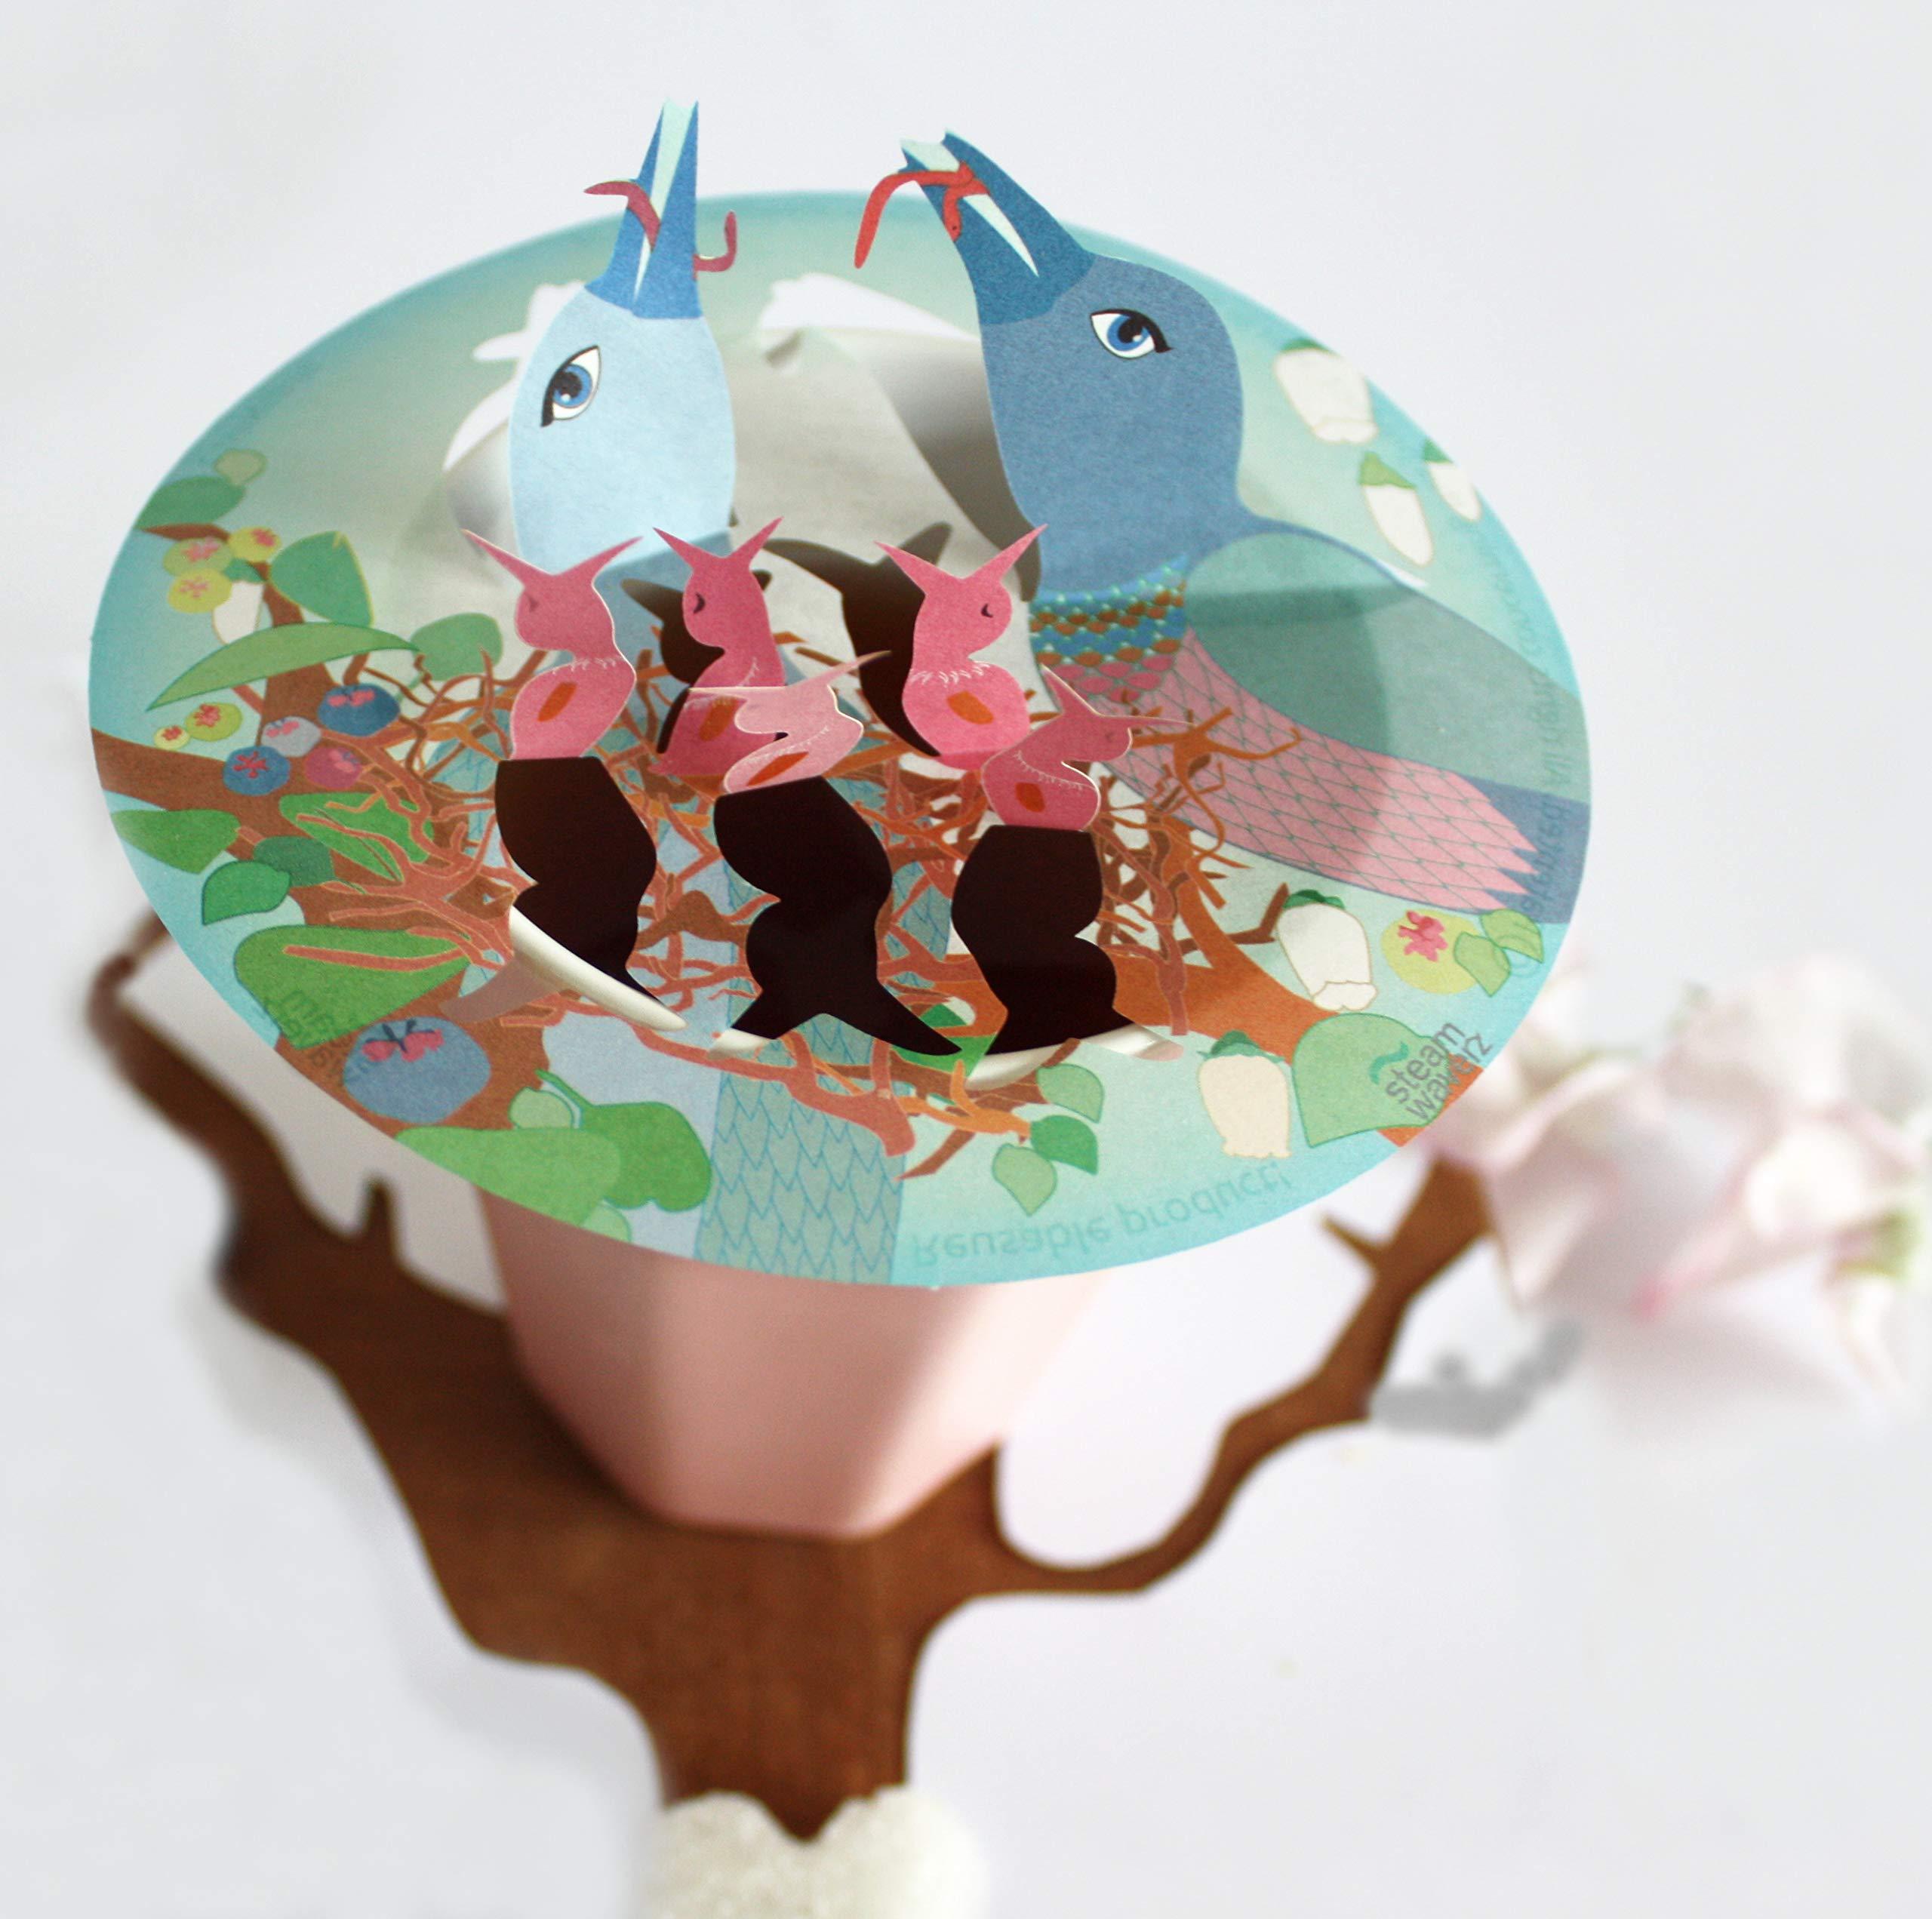 STEAM WAVERZ BIRDS NEST PINK